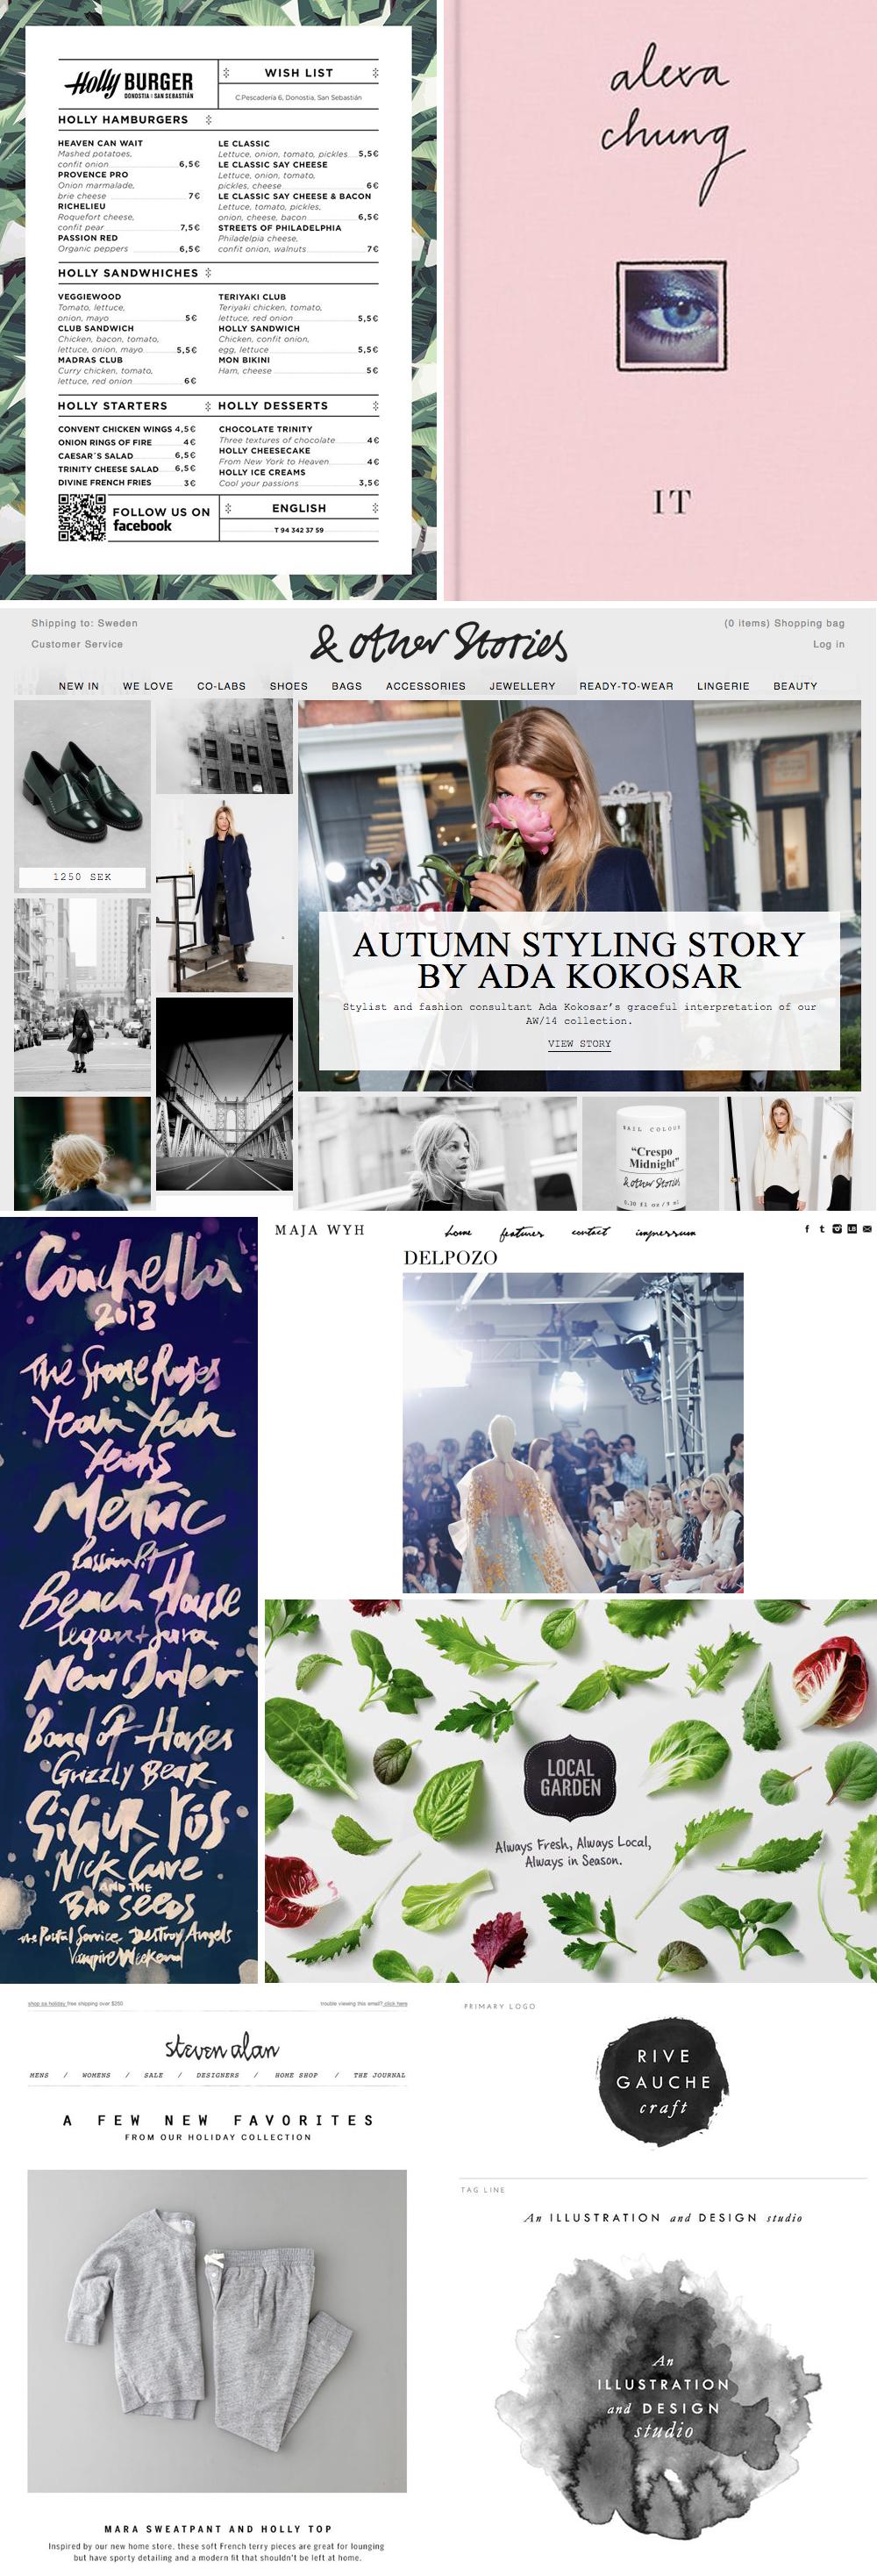 design_collage